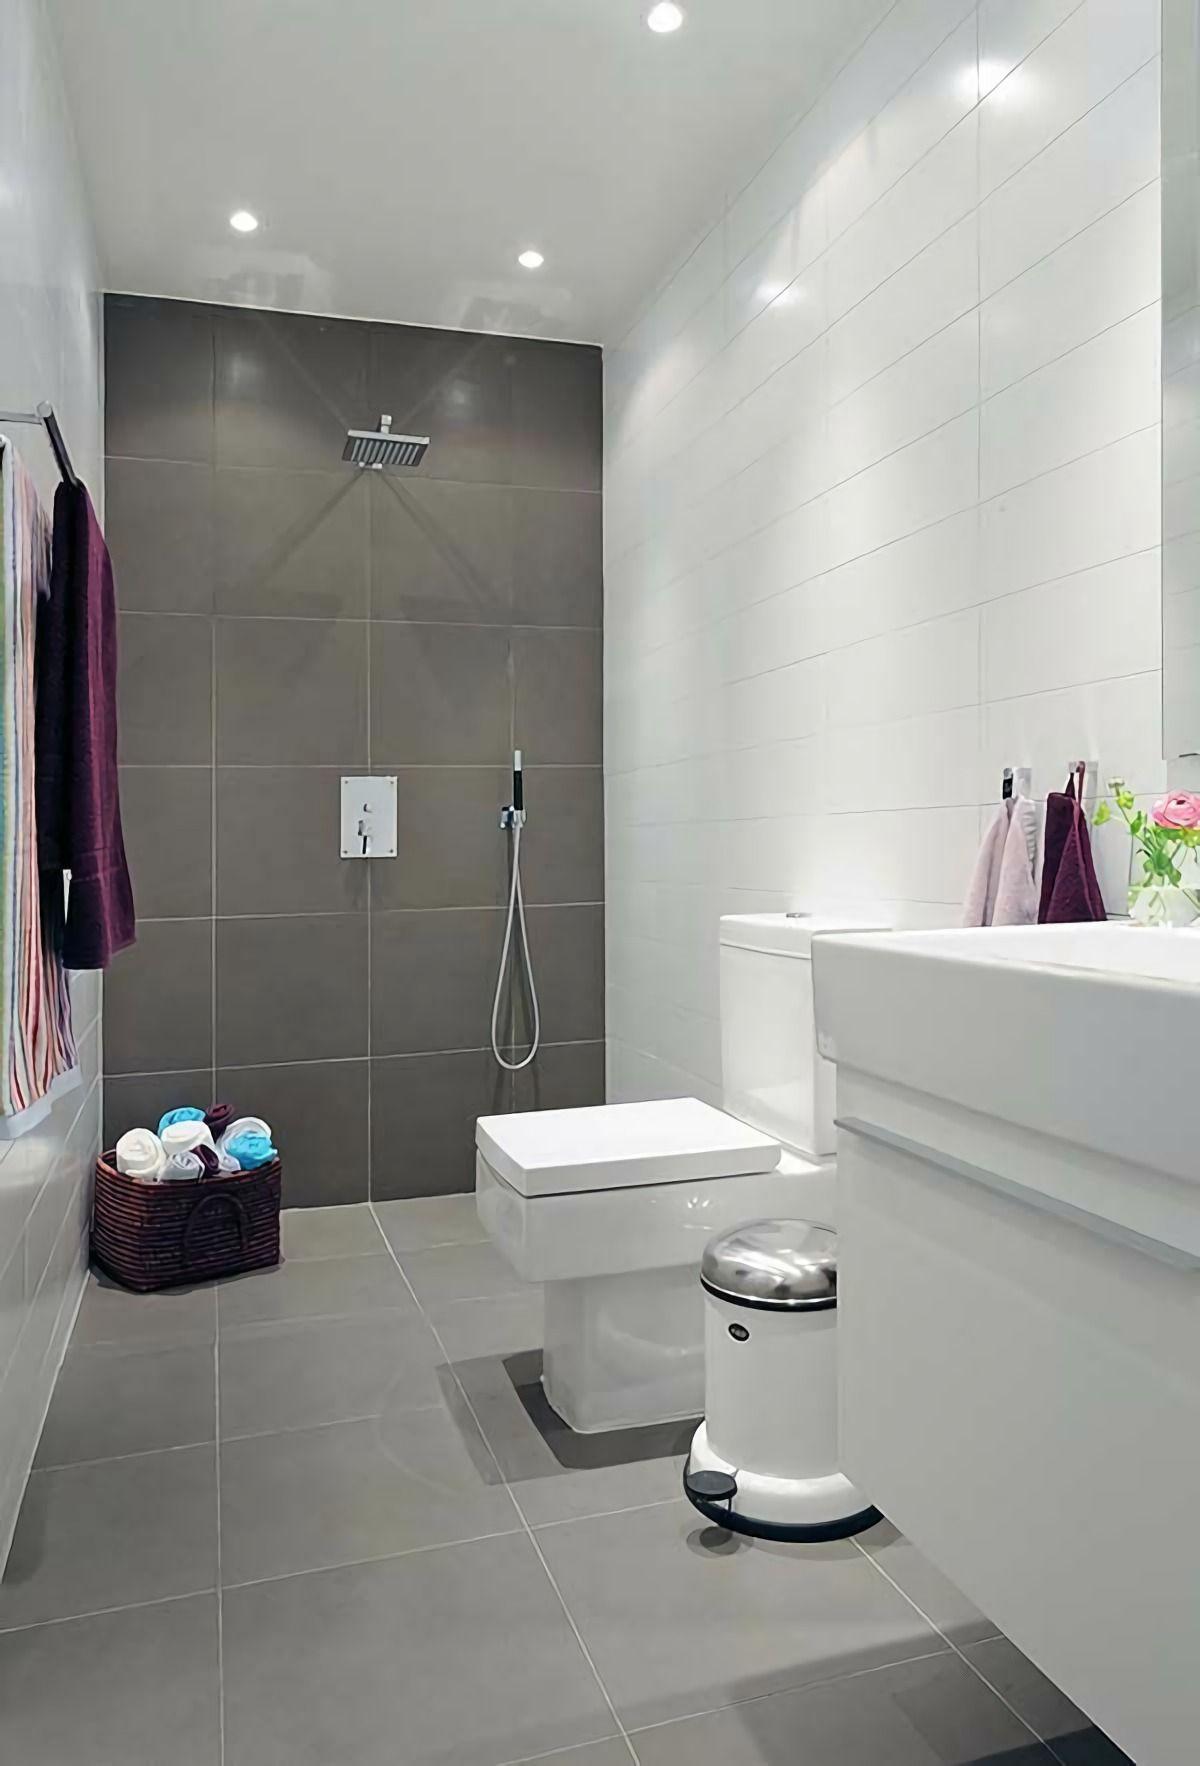 badezimmer designen abzukühlen images der ebccacdeafae